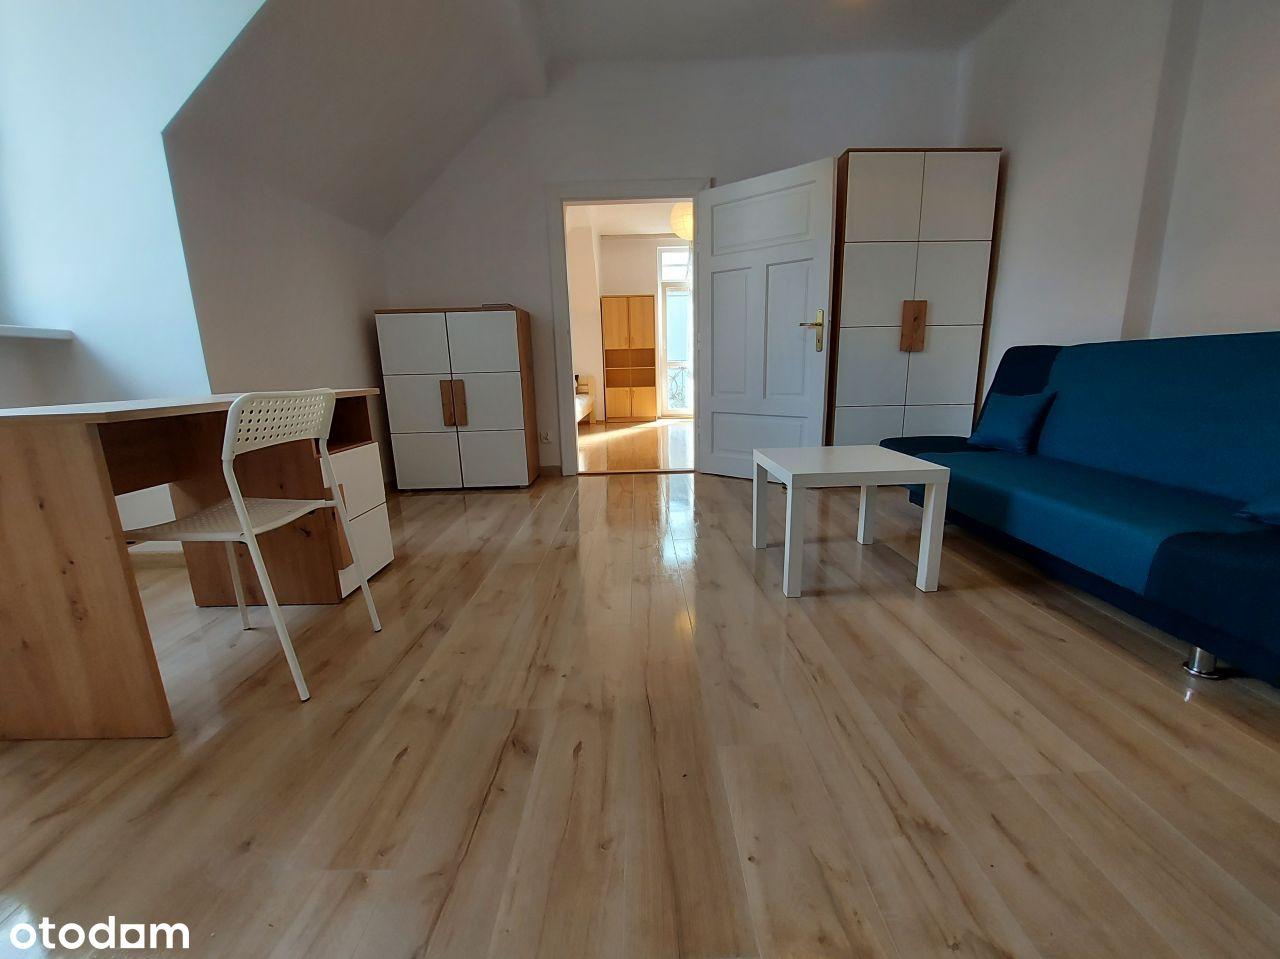 Wygodne mieszkanie, centralnie, dobra komunikacja